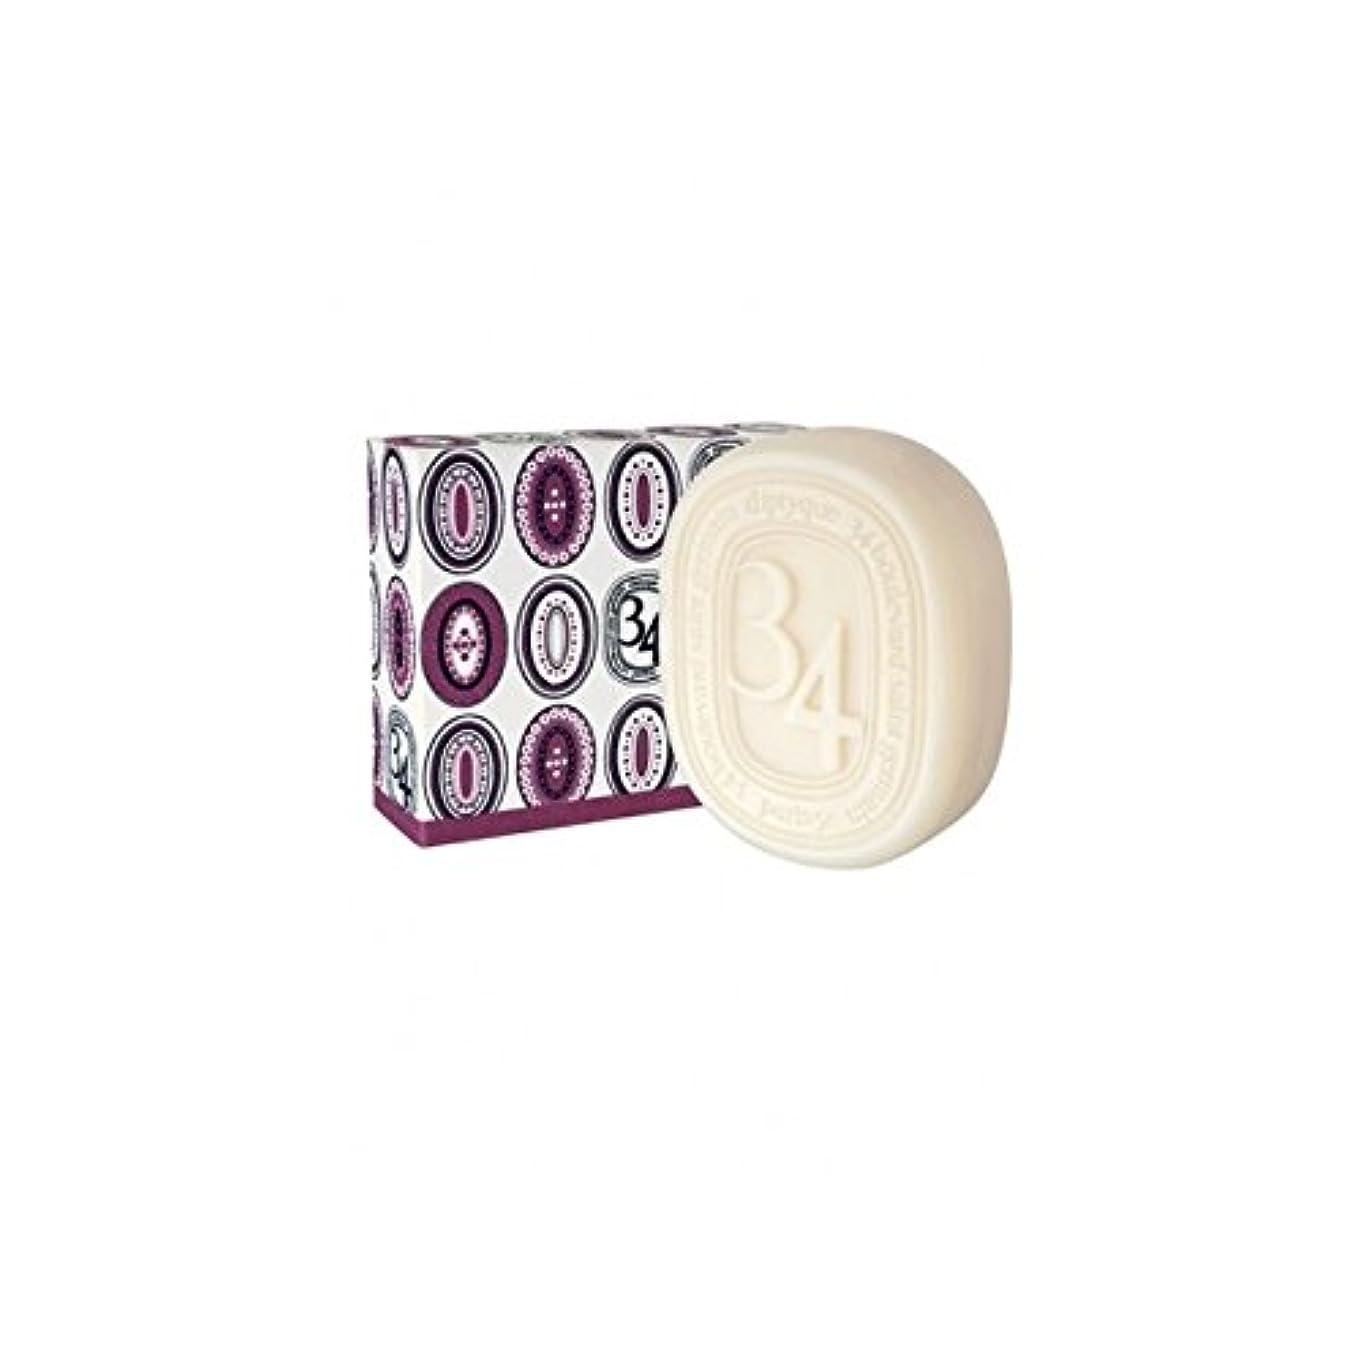 インディカカセットカテゴリーDiptyque Collection 34 Boulevard Saint Germain Soap 100g (Pack of 6) - Diptyqueコレクション34大通りサンジェルマン石鹸100グラム (x6) [並行輸入品]